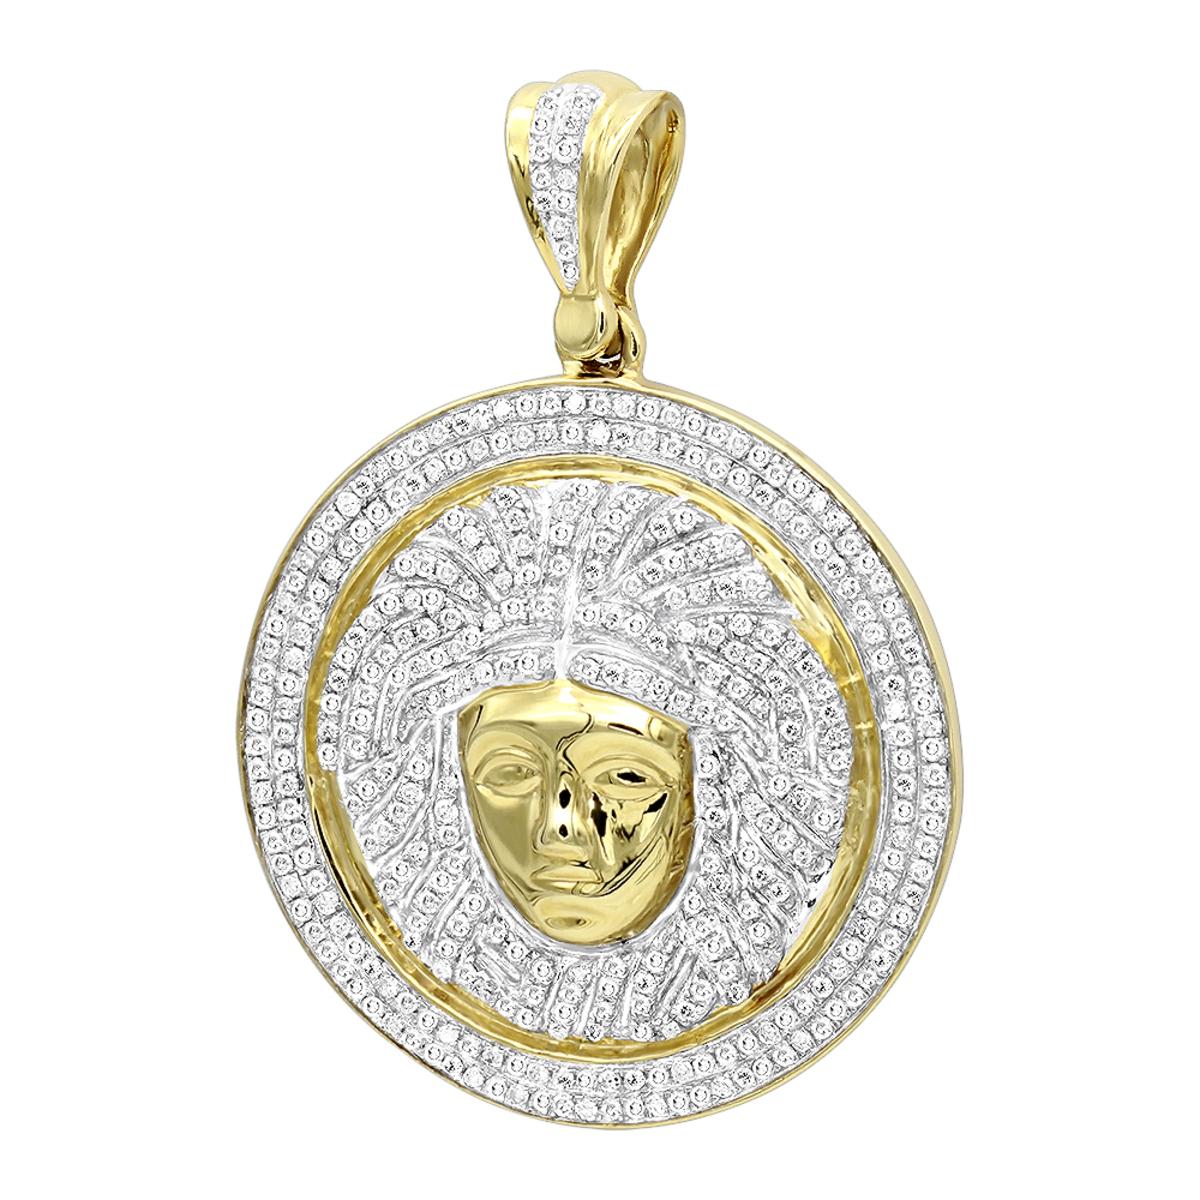 1 Carat Mini  Diamond Medusa Head Pendant for Men Medallion in 10k Gold